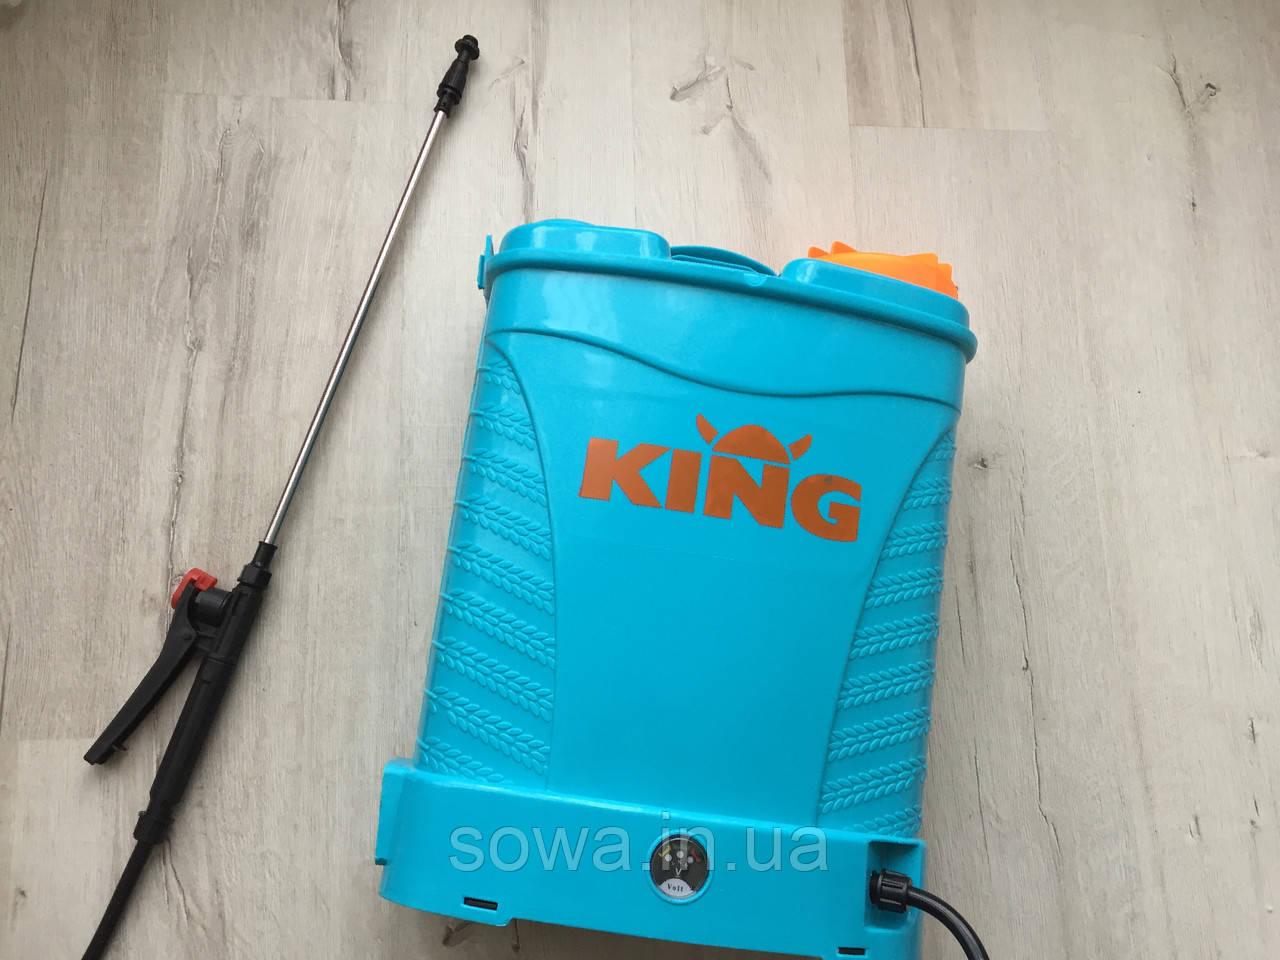 ✔️ Акумуляторний садовий обприскувач KING Profi | 15Ah, 16L